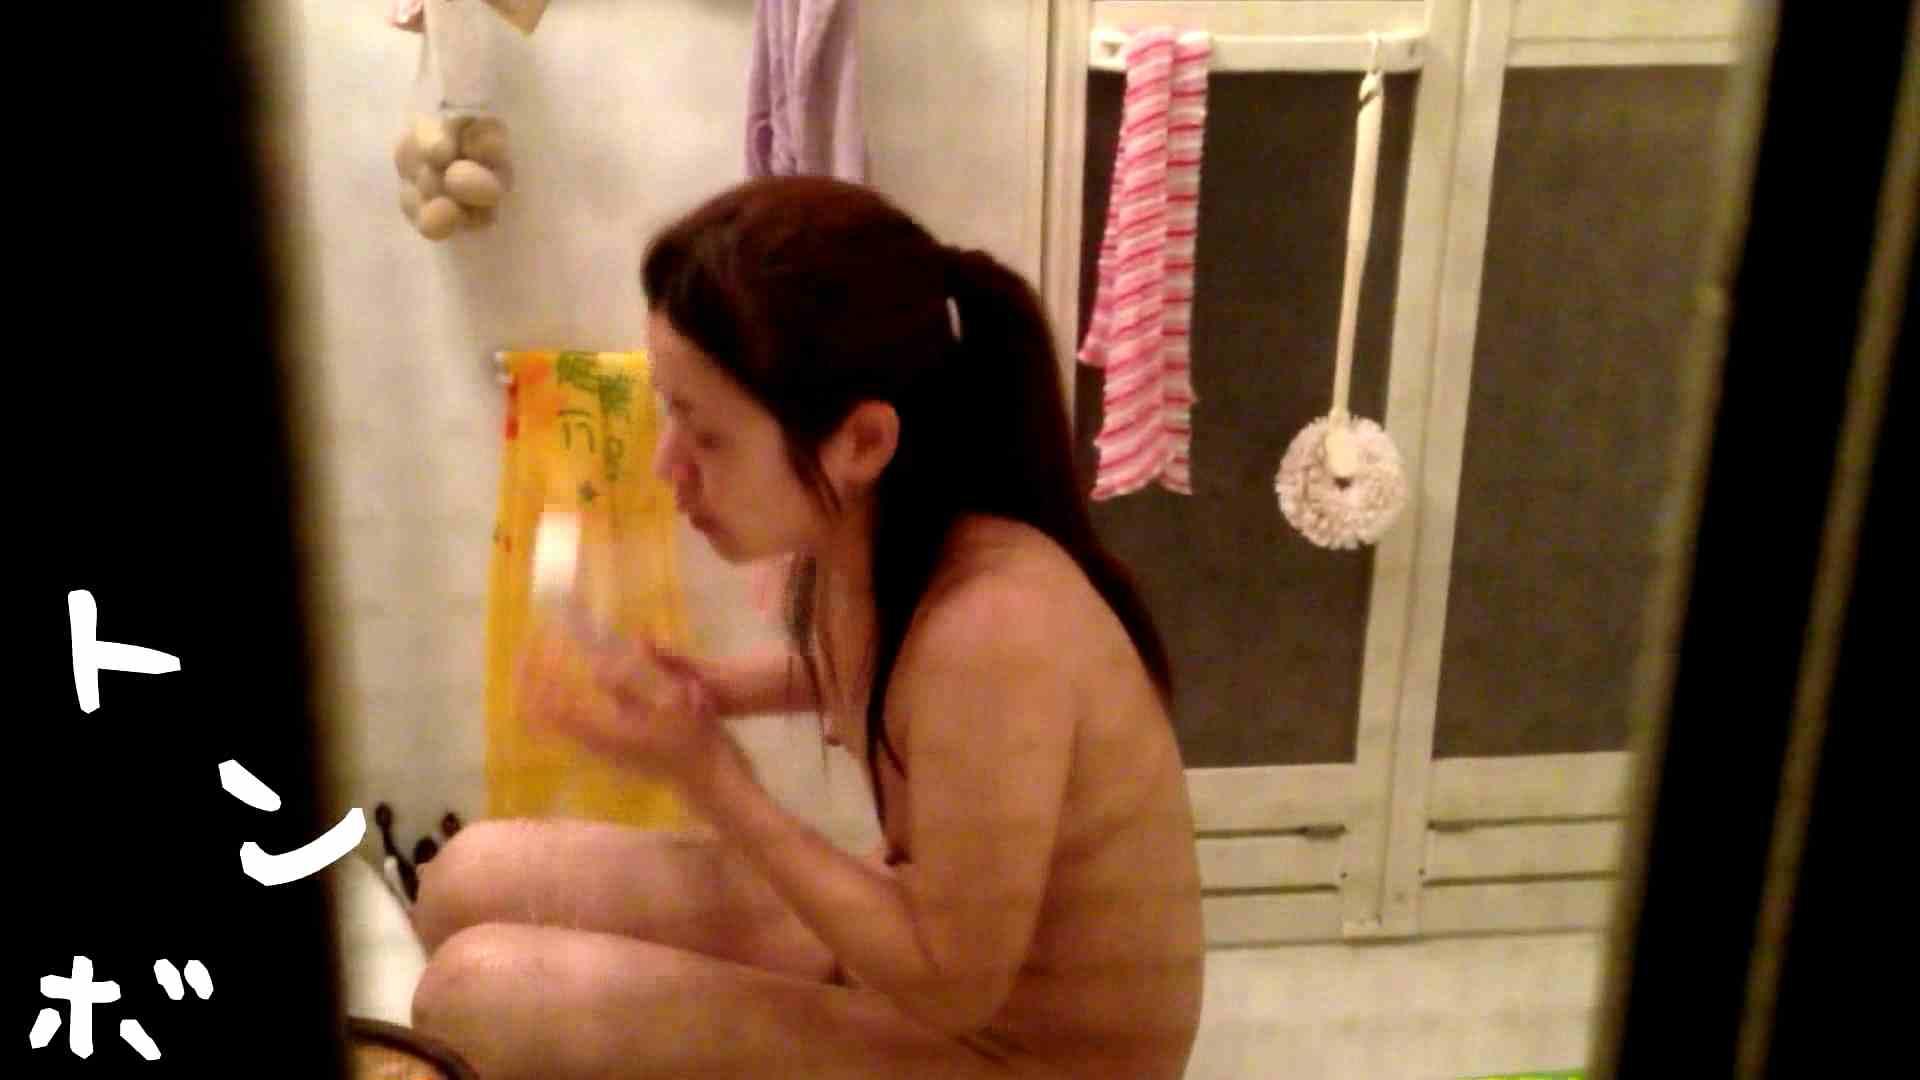 リアル盗撮 美人女市女末の入浴(女市 OL編) 美女 覗きおまんこ画像 68pic 3